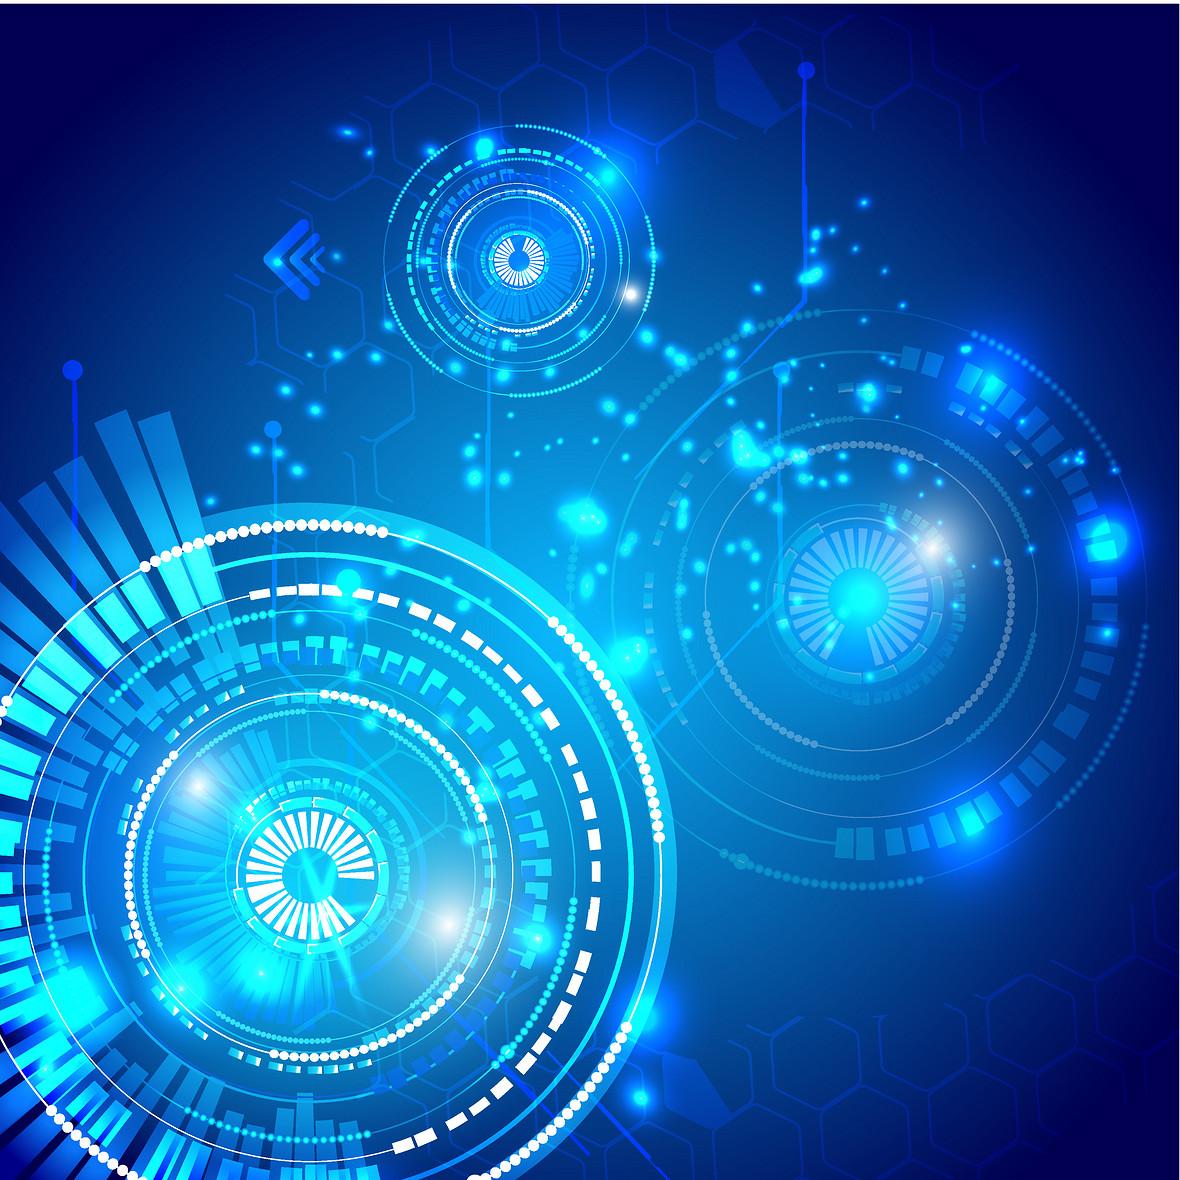 蓝色圆形几何科技背景